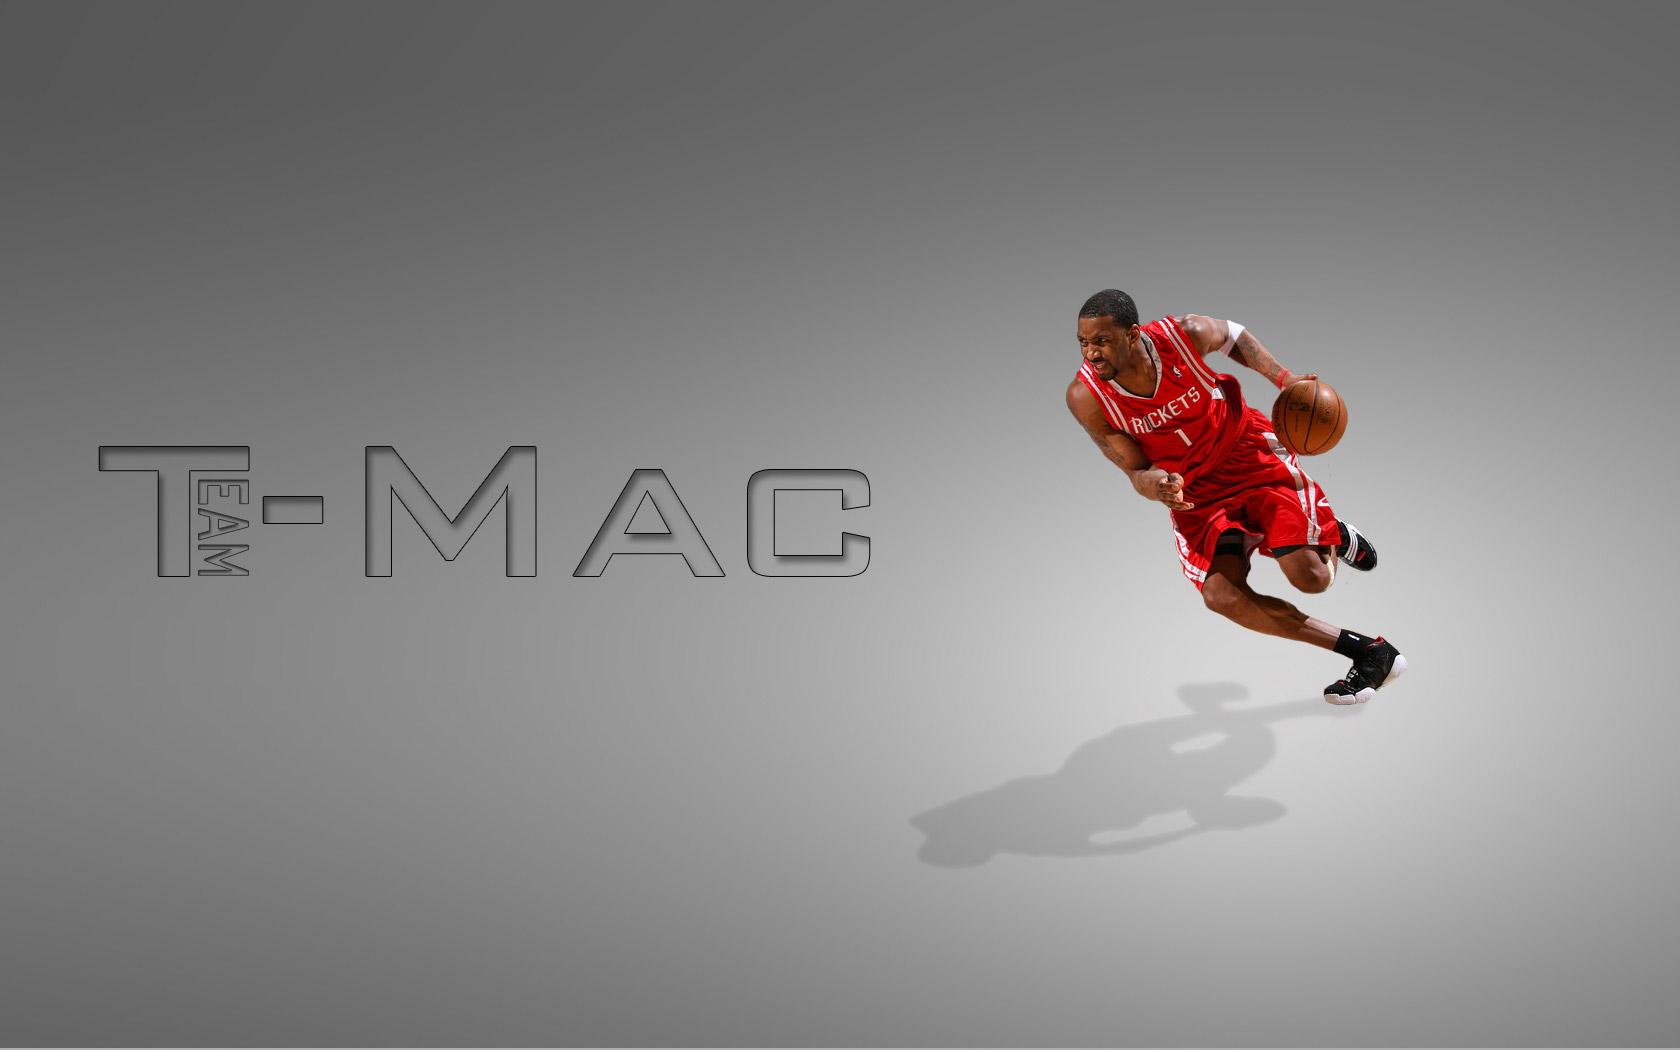 Mac Widescreen Wallpaper 16801050 106106 HD Wallpaper Res 1680x1050